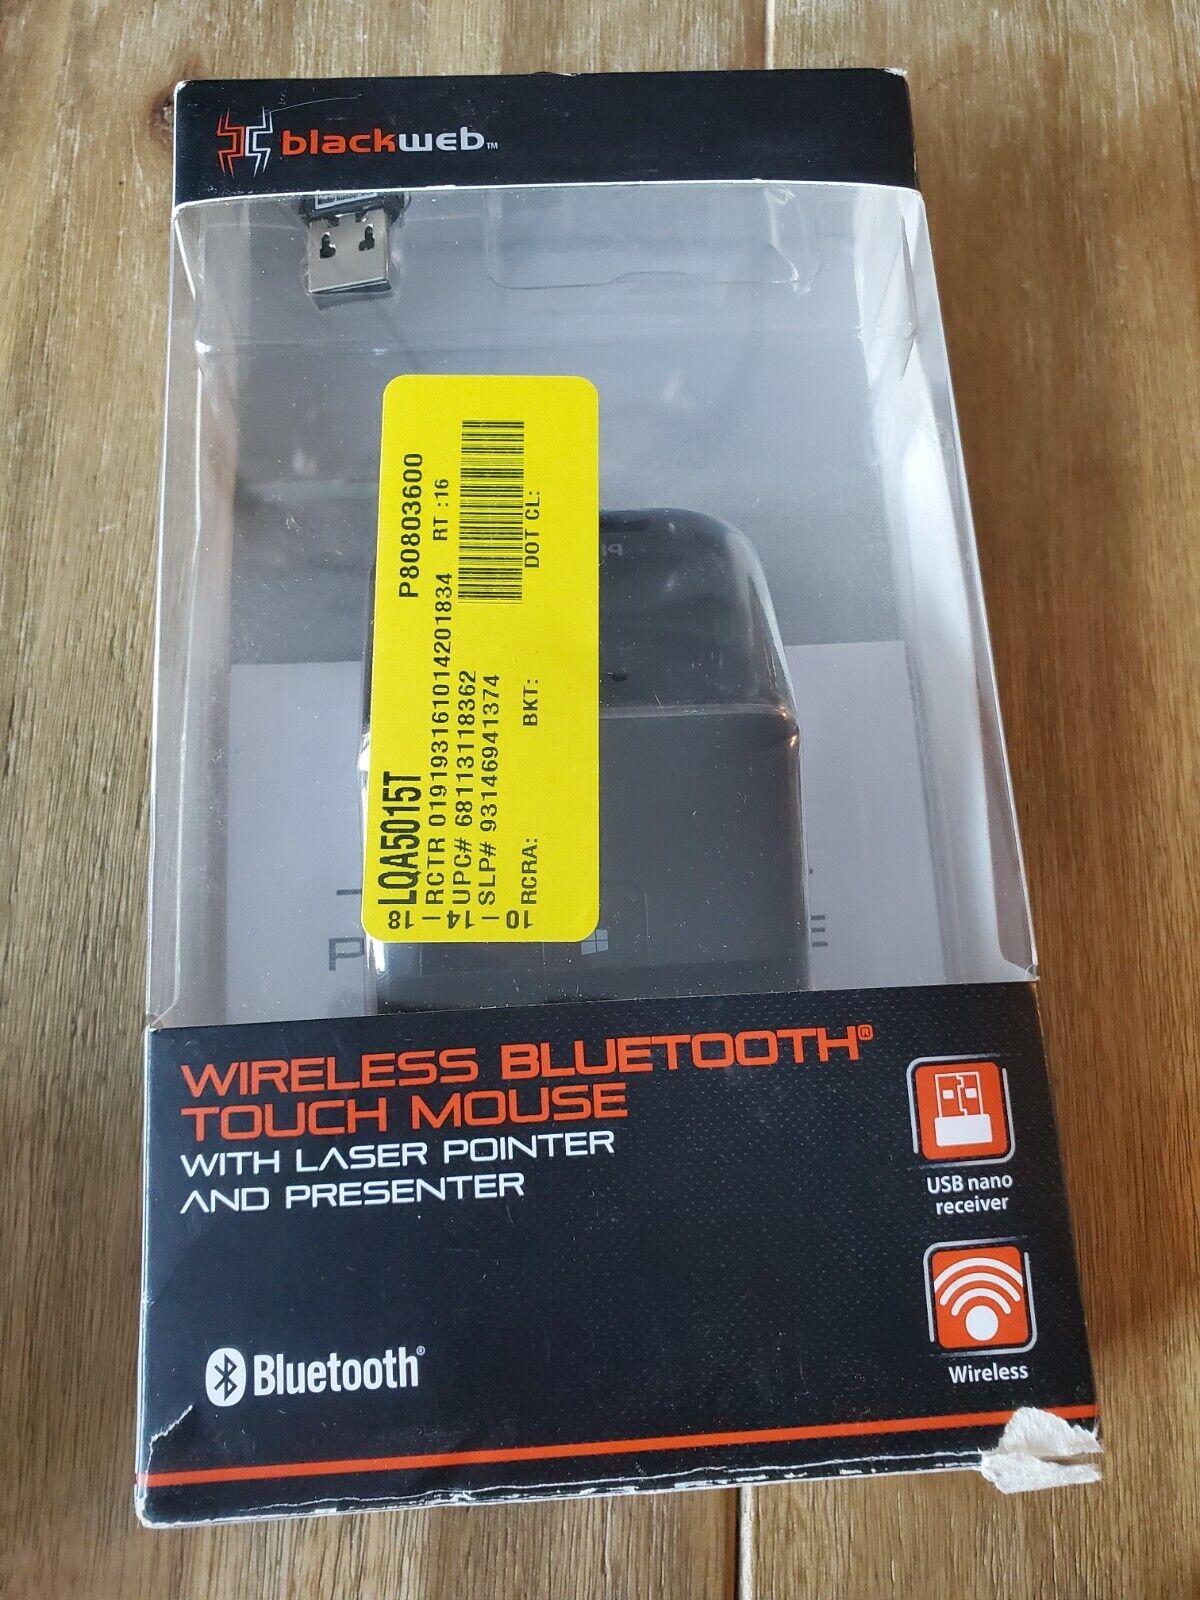 Blackweb BWA18HO014 Wireless Bluetooth Touch Mouse, Black